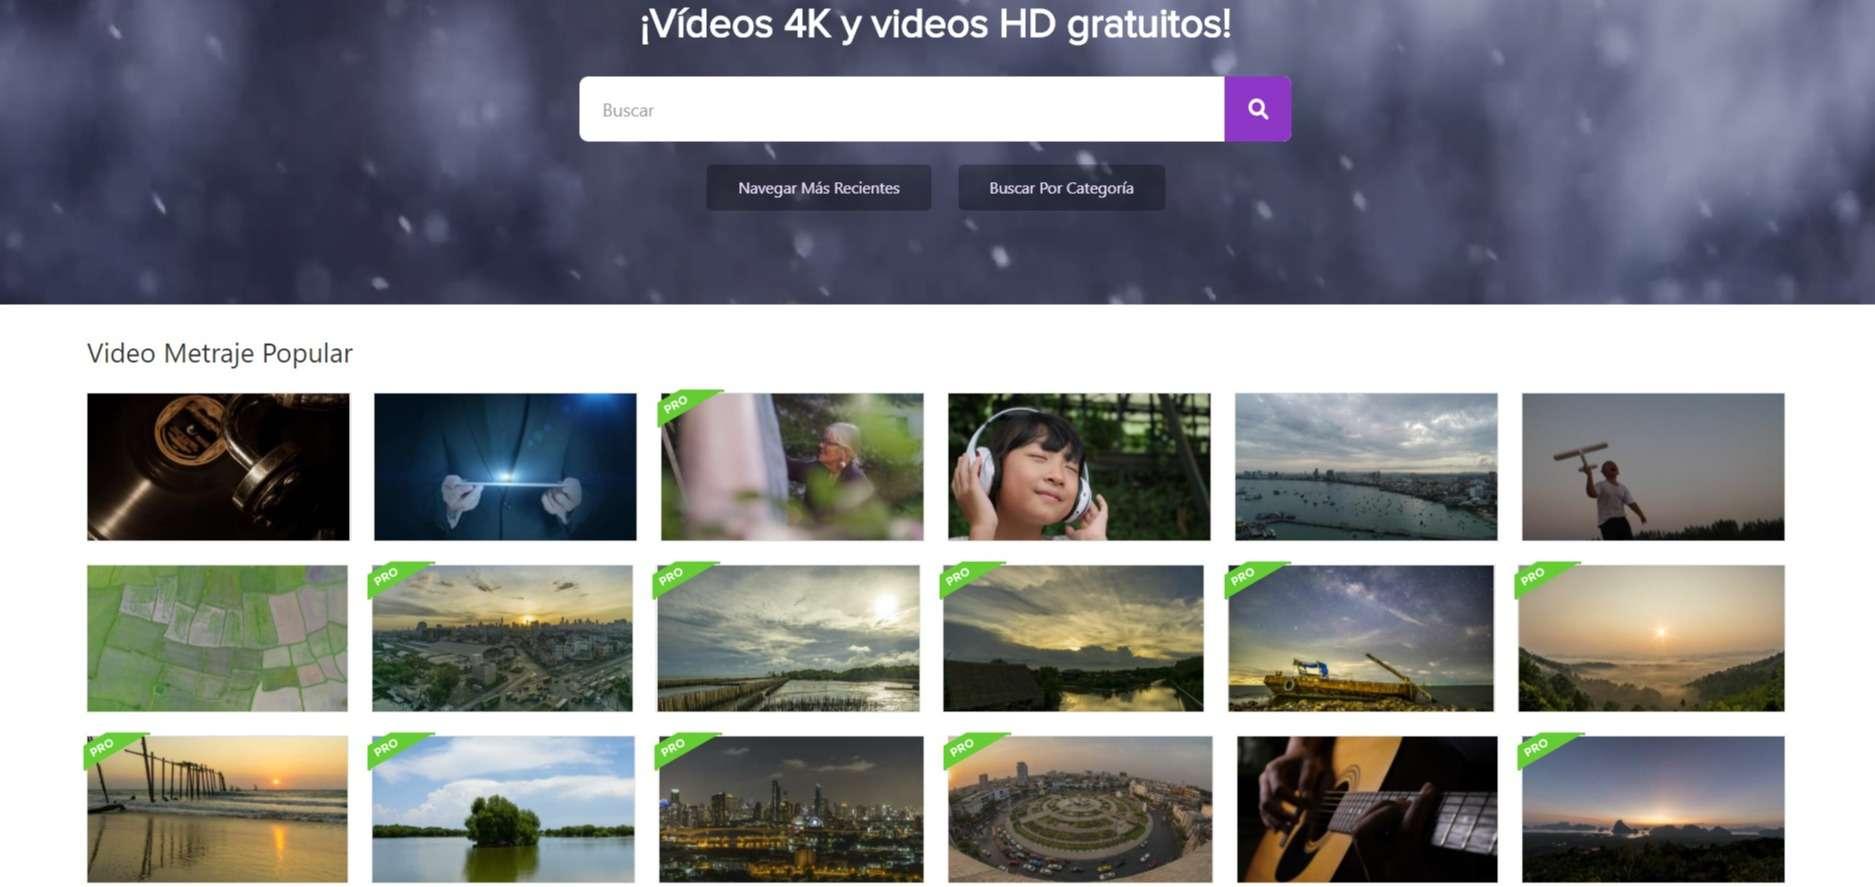 Videezy Paginas para descargar videos gratis